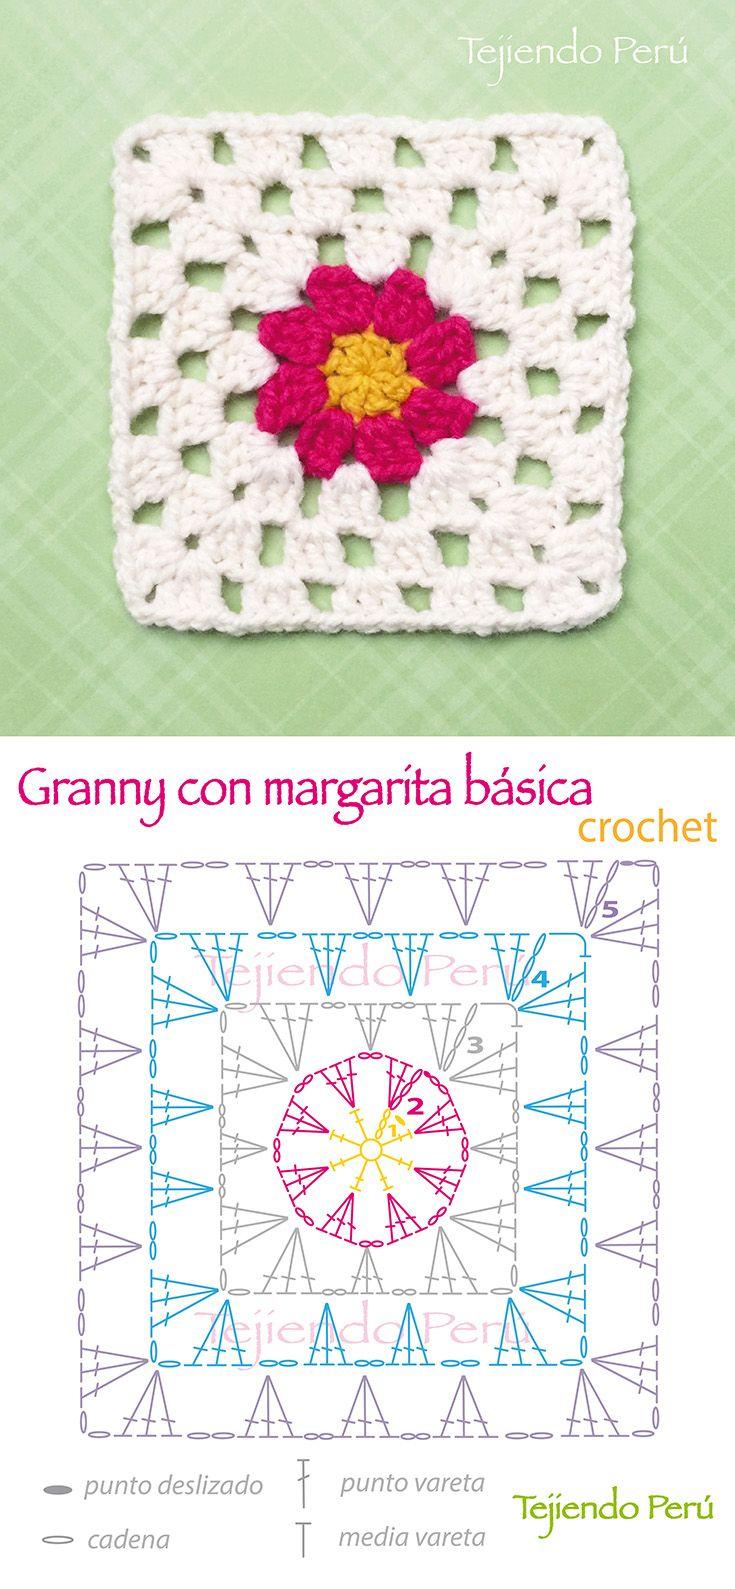 Crochet: diagrama de un lindo granny o cuadrado con un flor de margarita básica en el centro! En el enlace pueden ver el video del granny básico para que tengan una idea de cómo tejer a partir de la hilera 3!